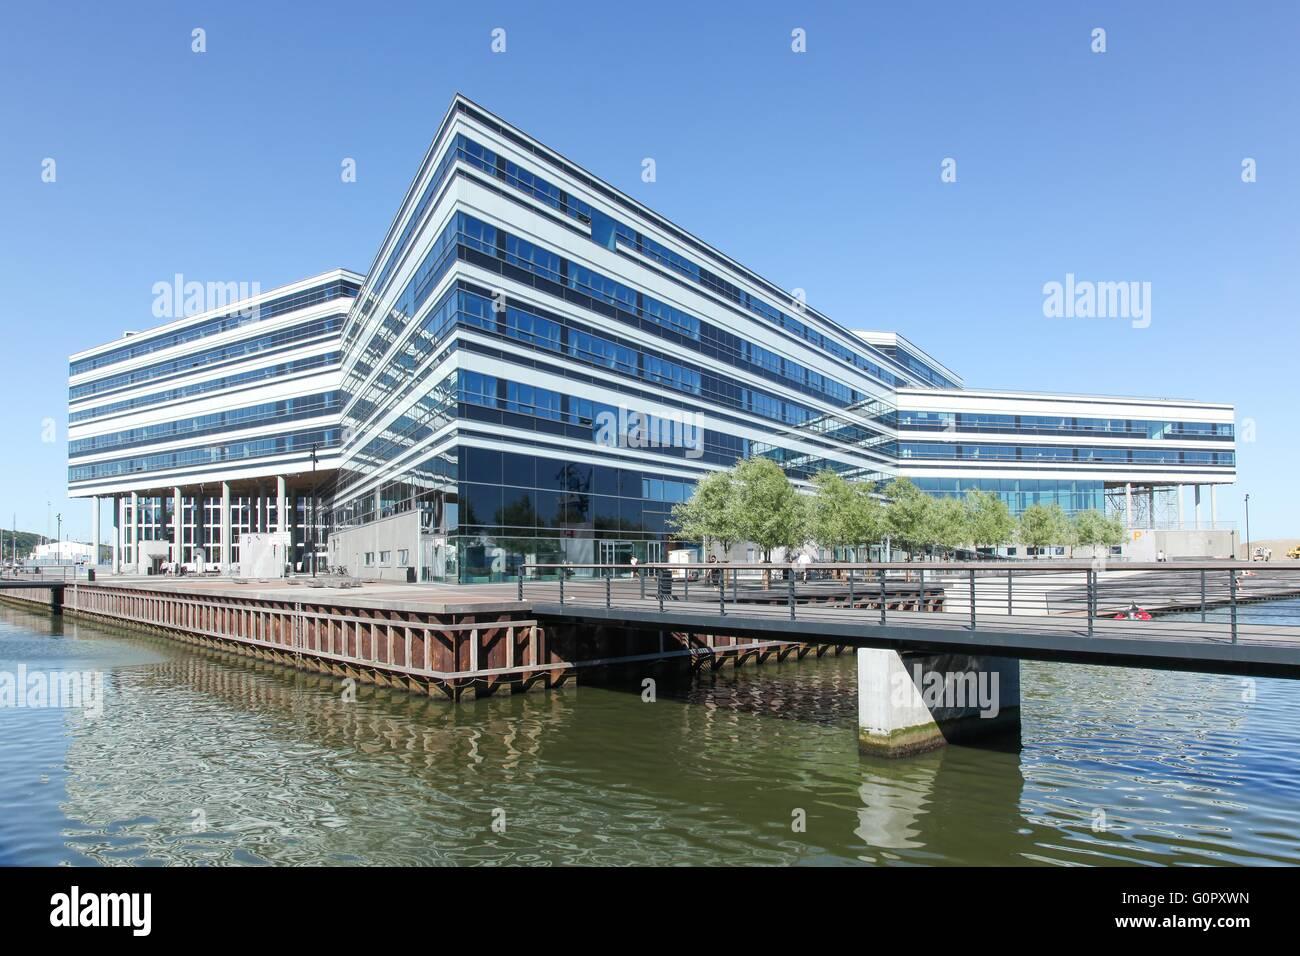 Aarhus new docklands in Denmark - Stock Image